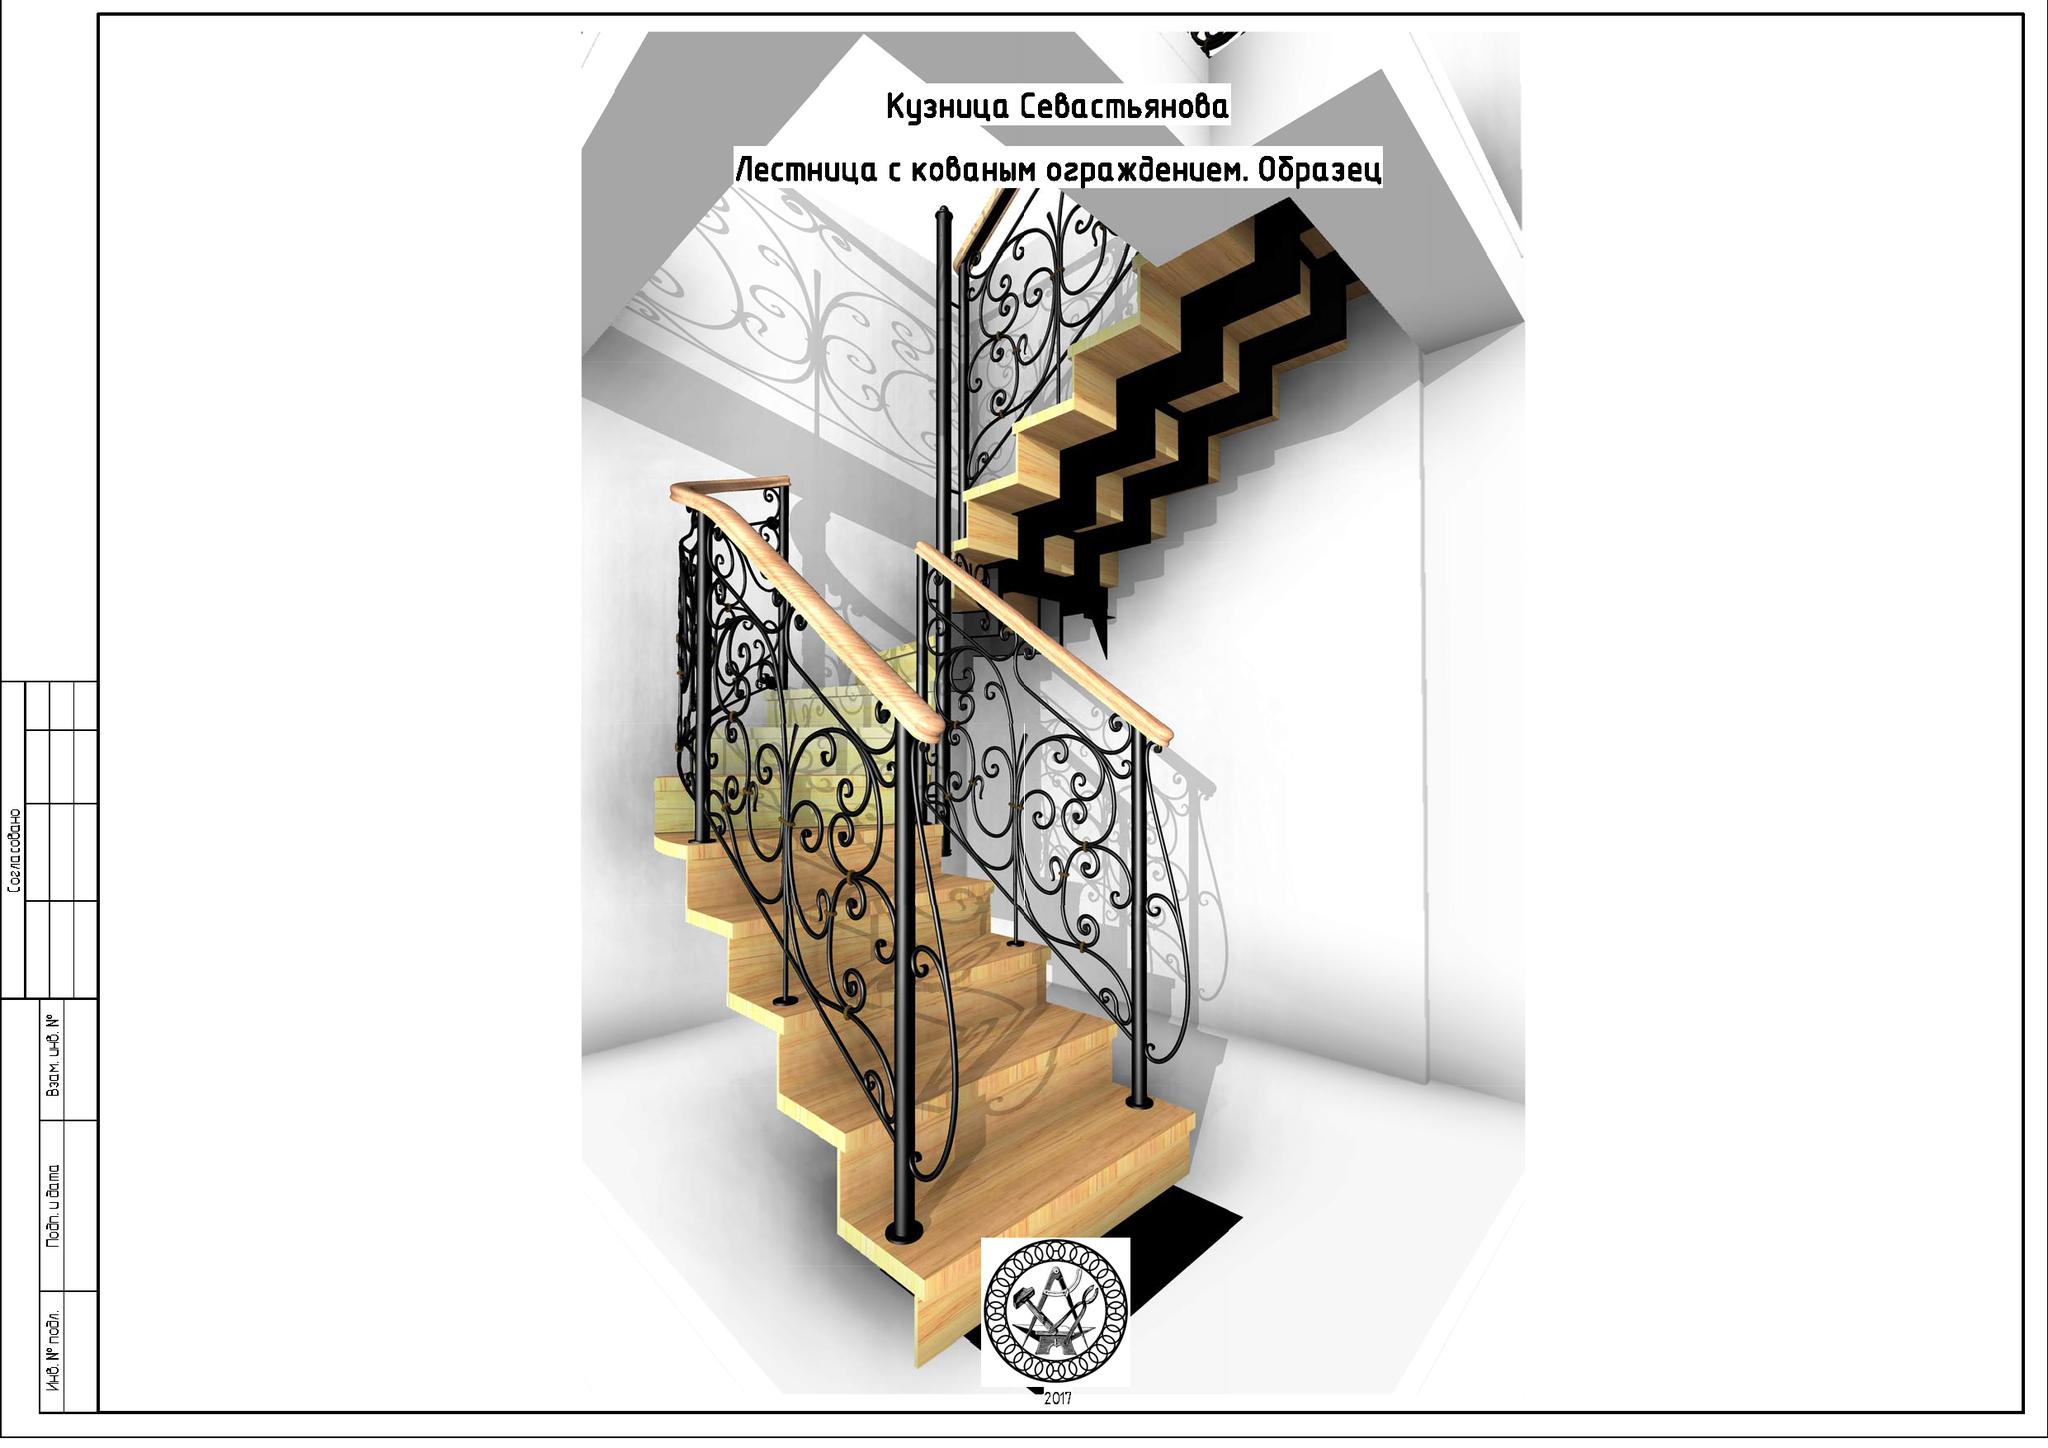 Проект лестницы с кованым ограждением.